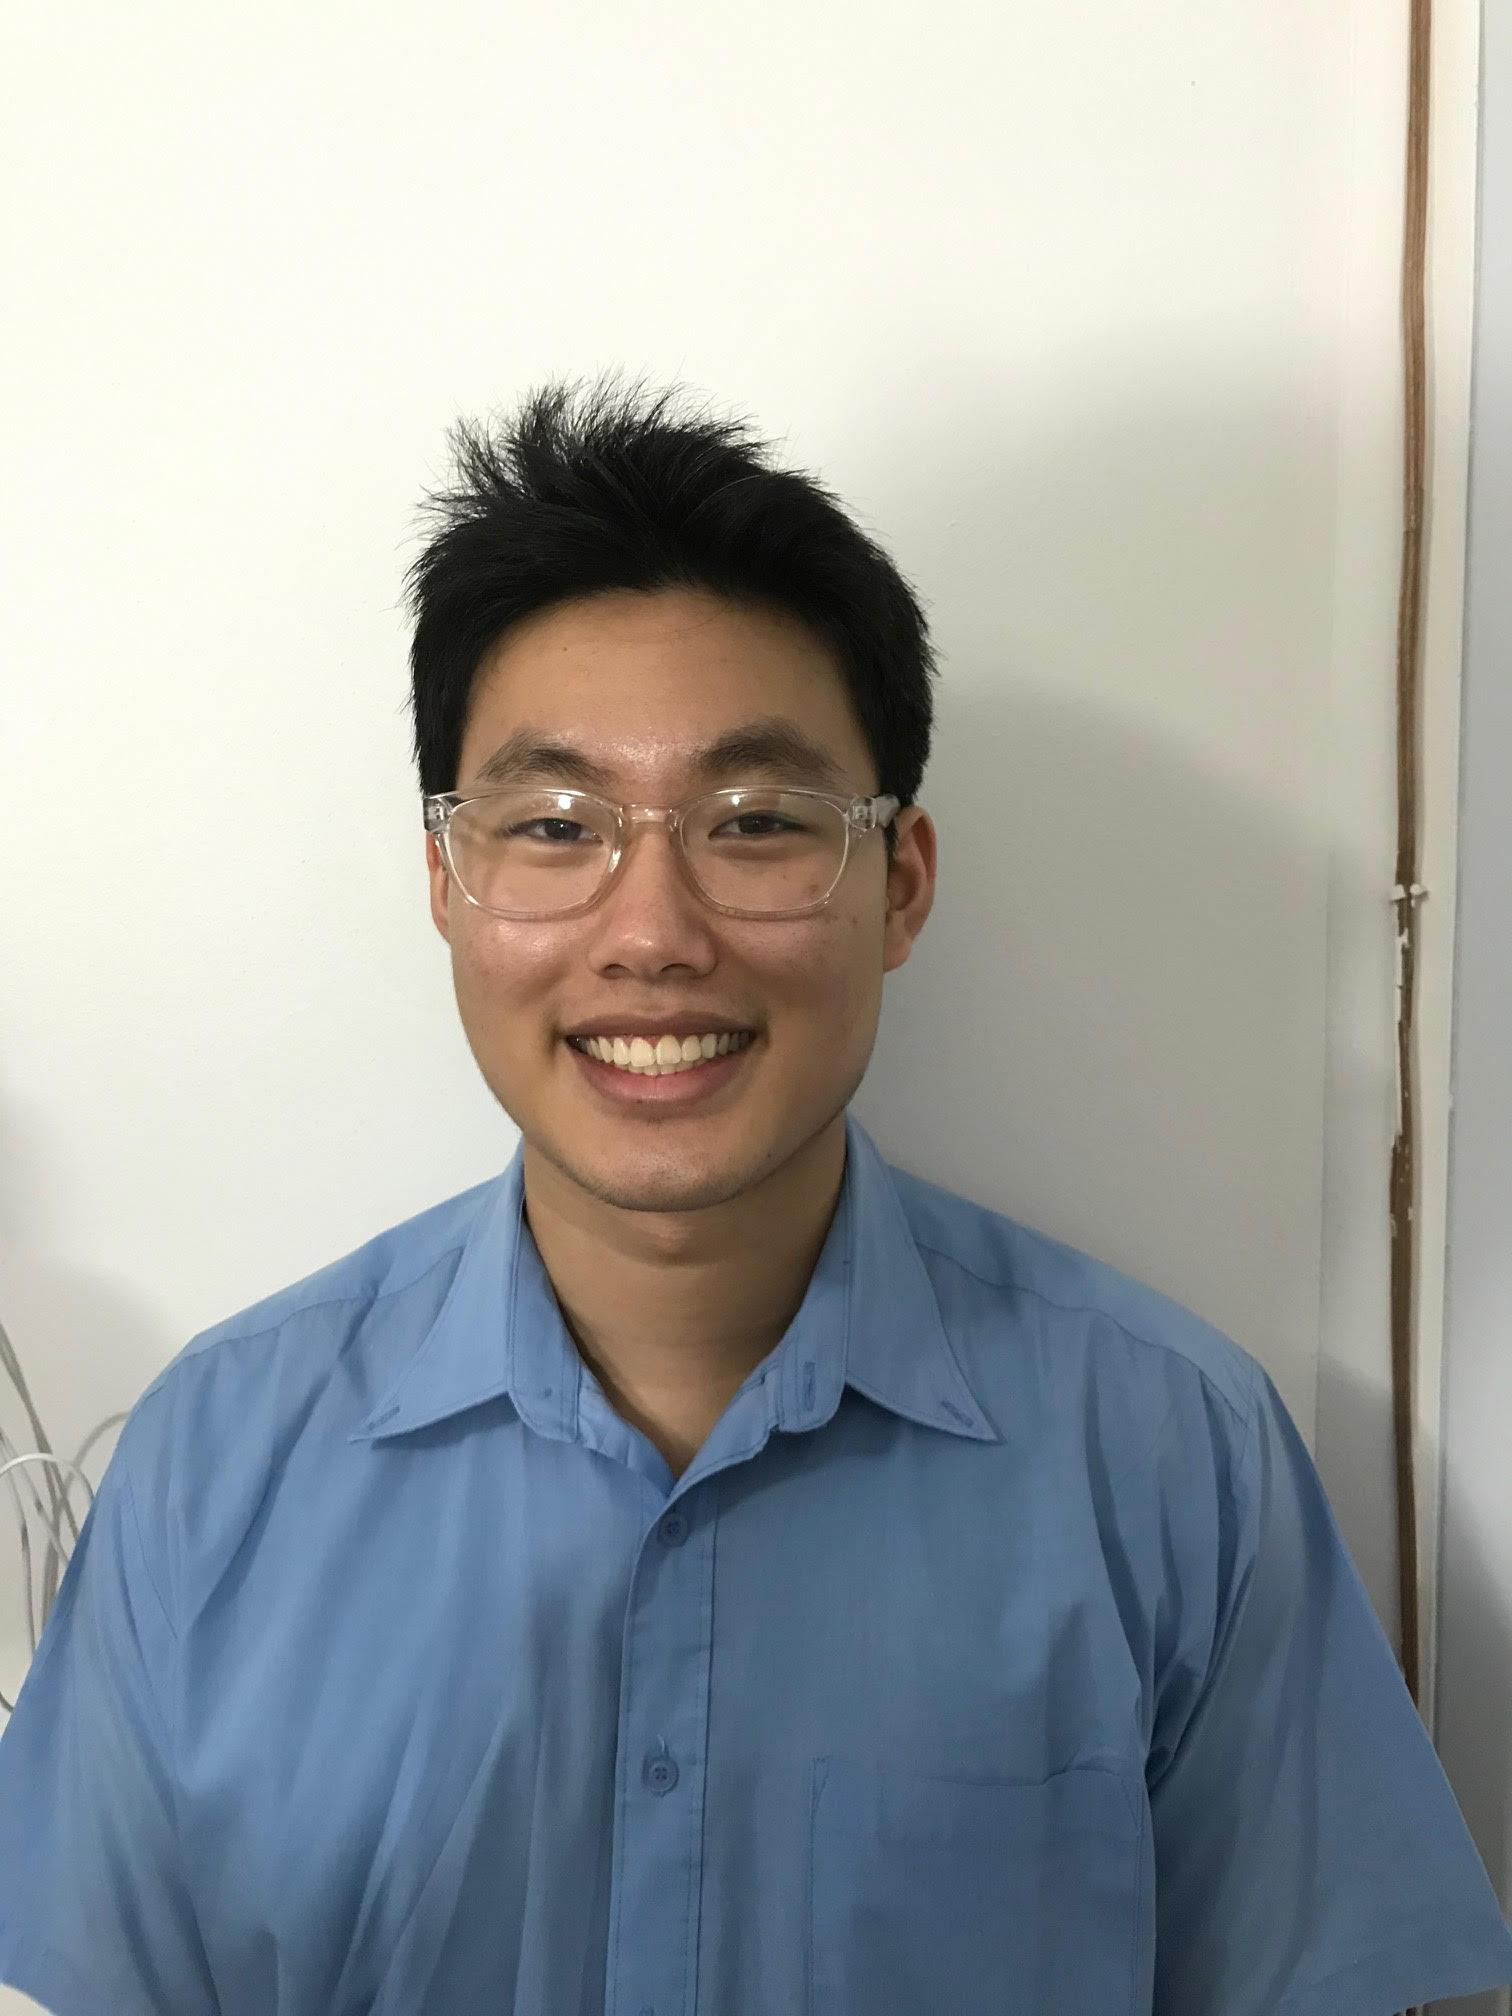 Jason Yeo Timothy Yeo